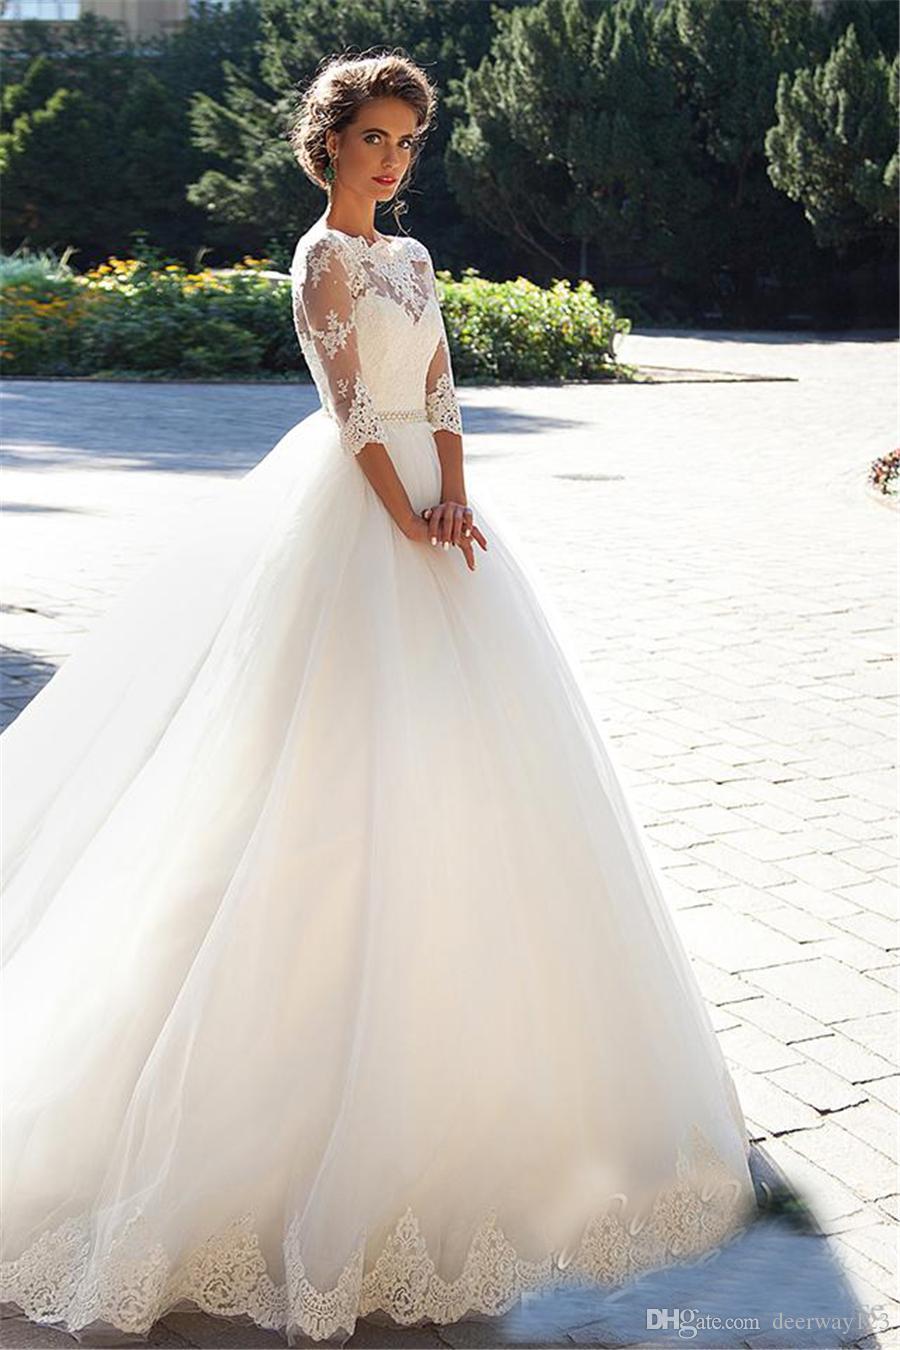 BATEAU 3/4 긴팔 티셔츠 진주 얇은 명주 그물 공주 저렴한 신부 볼 가운 플러스 사이즈 나라 빈티지 레이스 Millanova 2020 웨딩 드레스